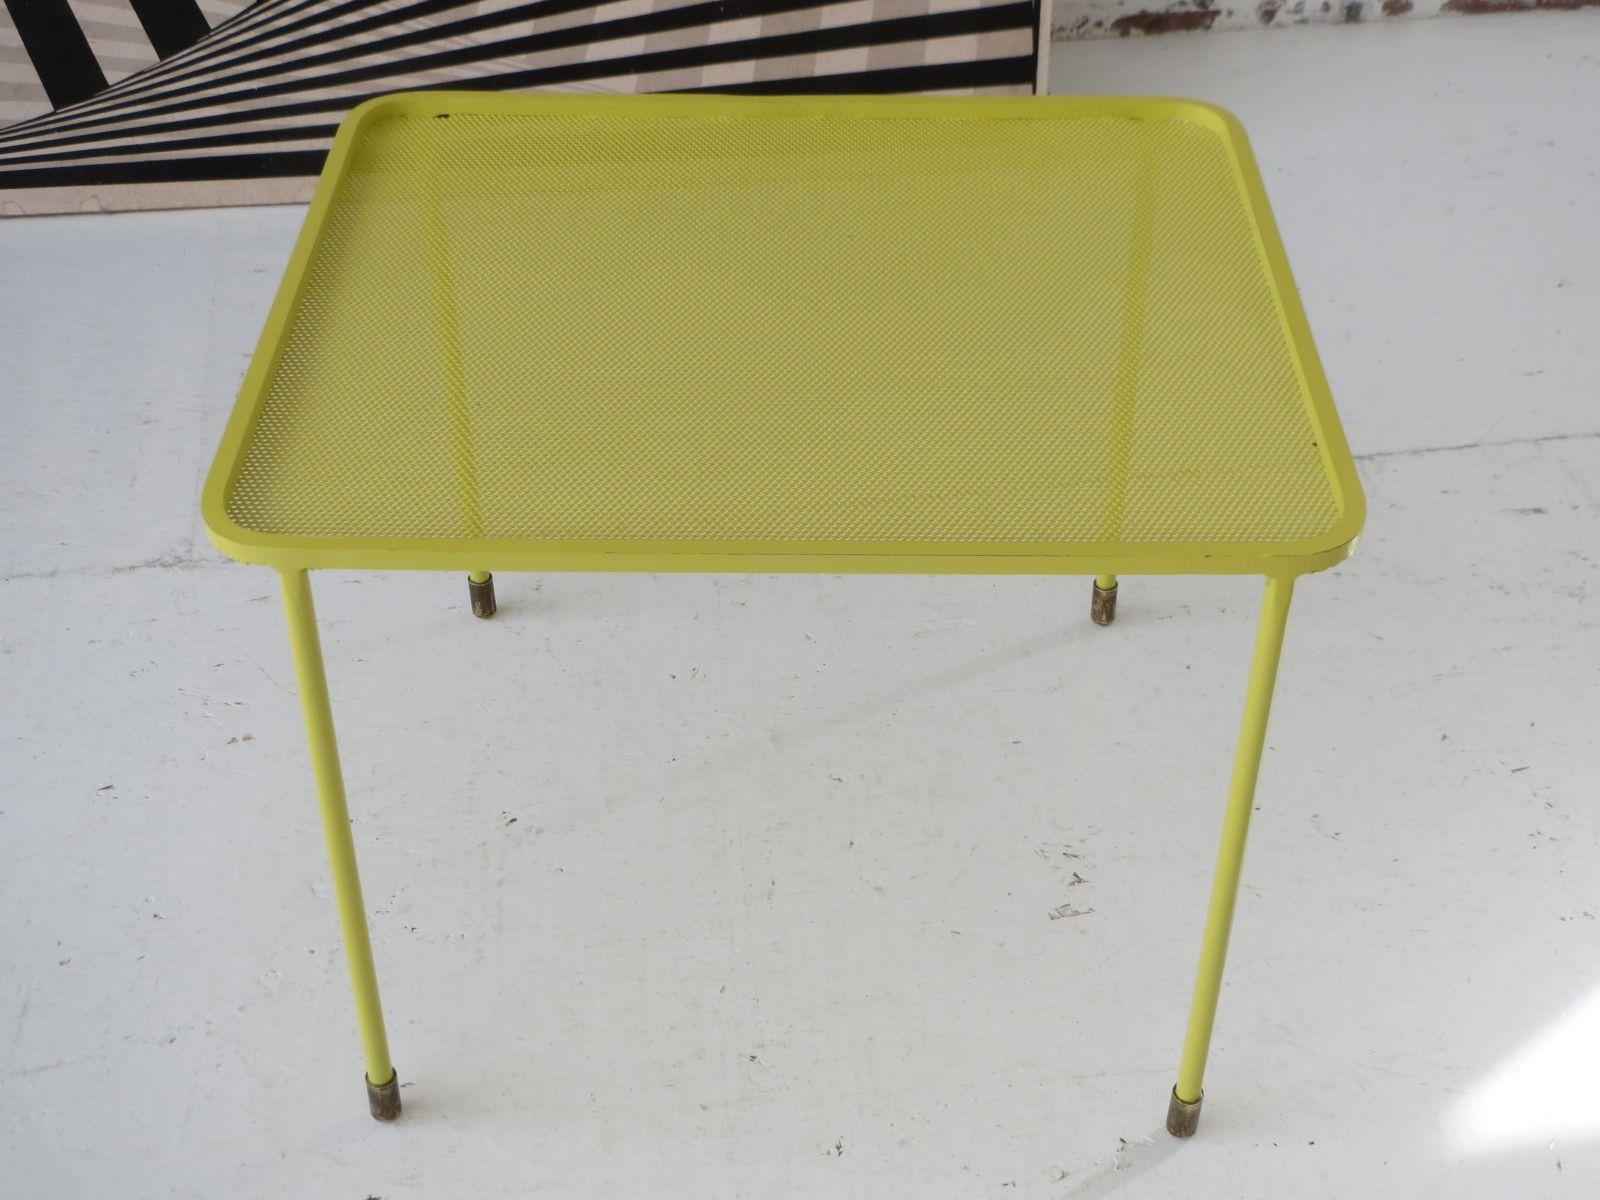 table-basse-en-metal-perfore-de-mathieu-mategot-1950s-2 Incroyable De Table Basse Gigogne Vintage Des Idées